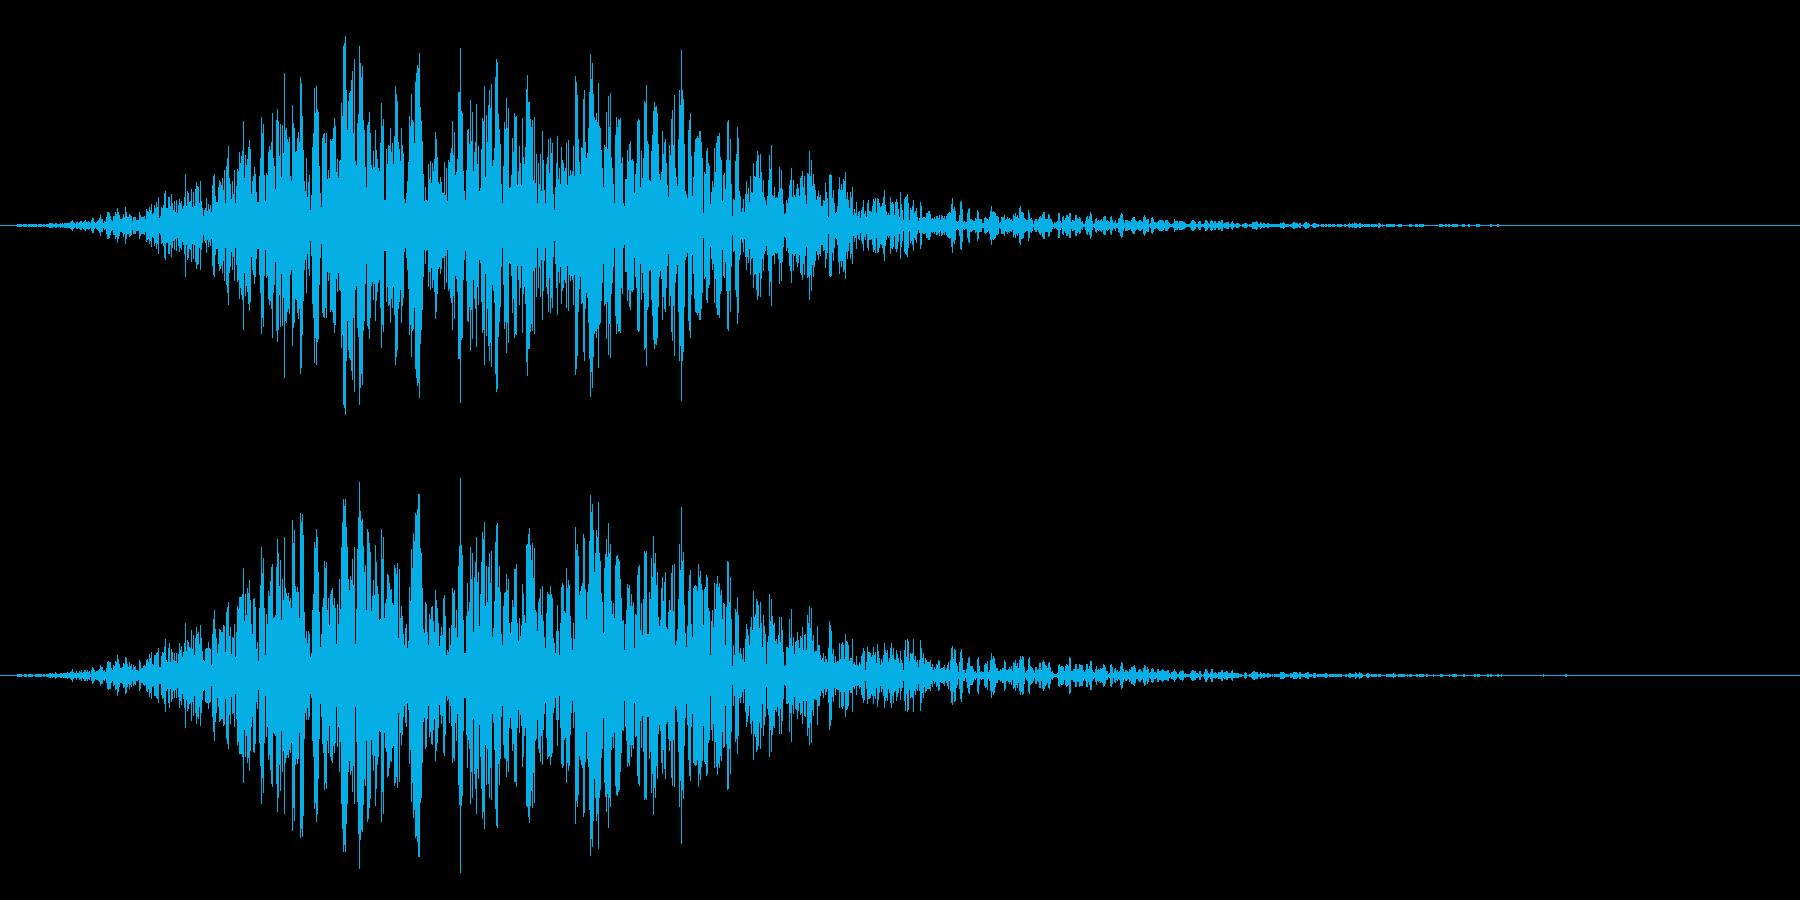 男性掛け声「オーッ」の再生済みの波形